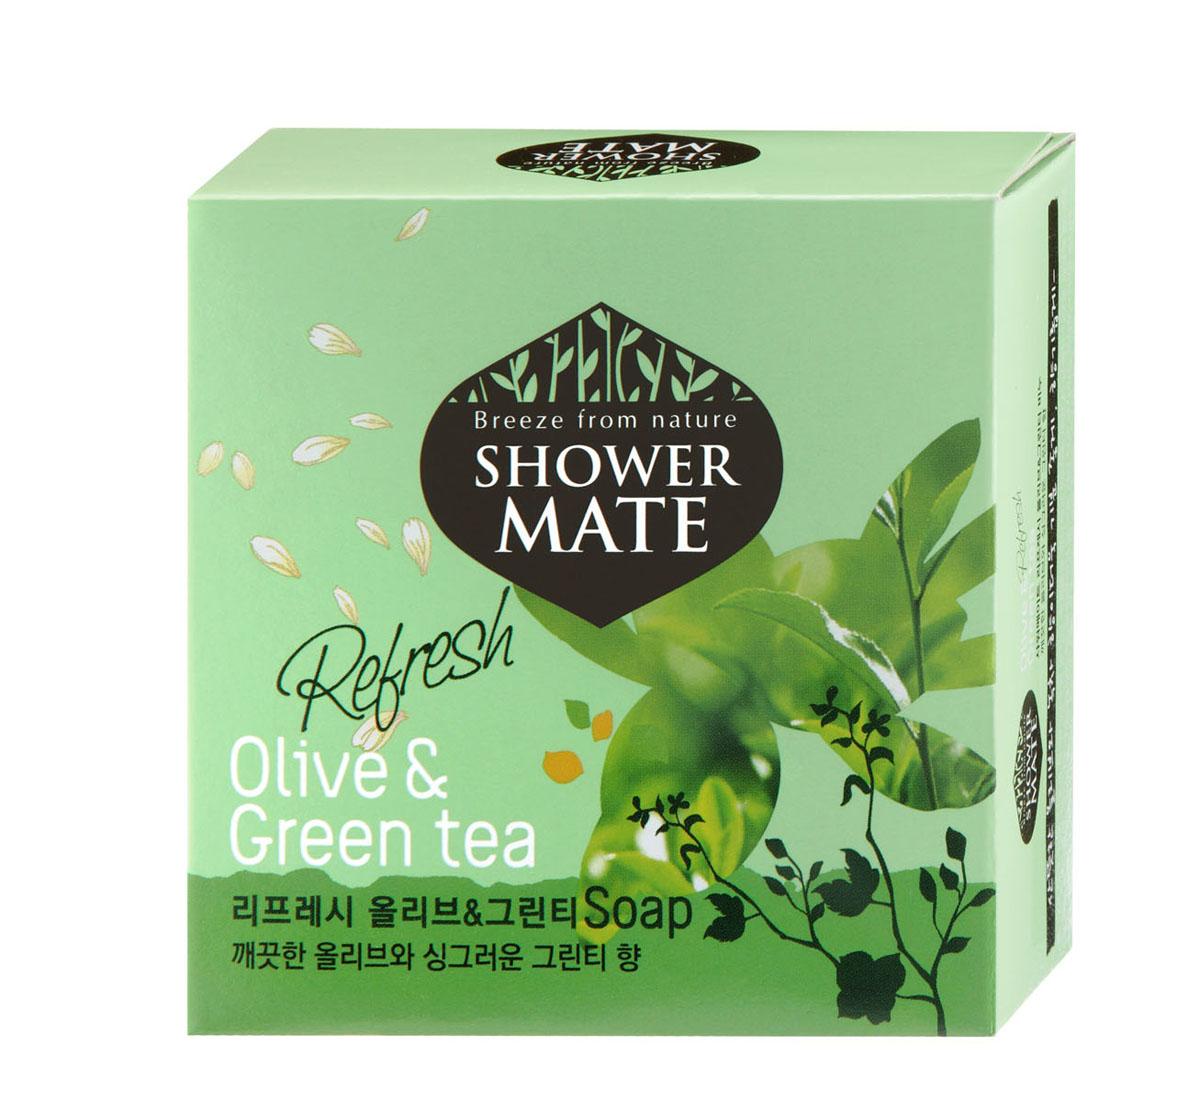 Shower Mate Мыло косметическое Оливки и зеленый чай, 100 г988084Богатый полезными веществами, экстракт оливы увлажняет и создает защитный слой для кожи. Катехины зеленого чаяпредотвращают преждевременное старение кожи, способствуют ее омоложению. Свежий аромат оливы и бодрящий аромат зеленого чая дарят ощущение прохлады и чистоты. Характеристики:Вес: 100 г. Артикул: 988084. Производитель: Корея. Товар сертифицирован.